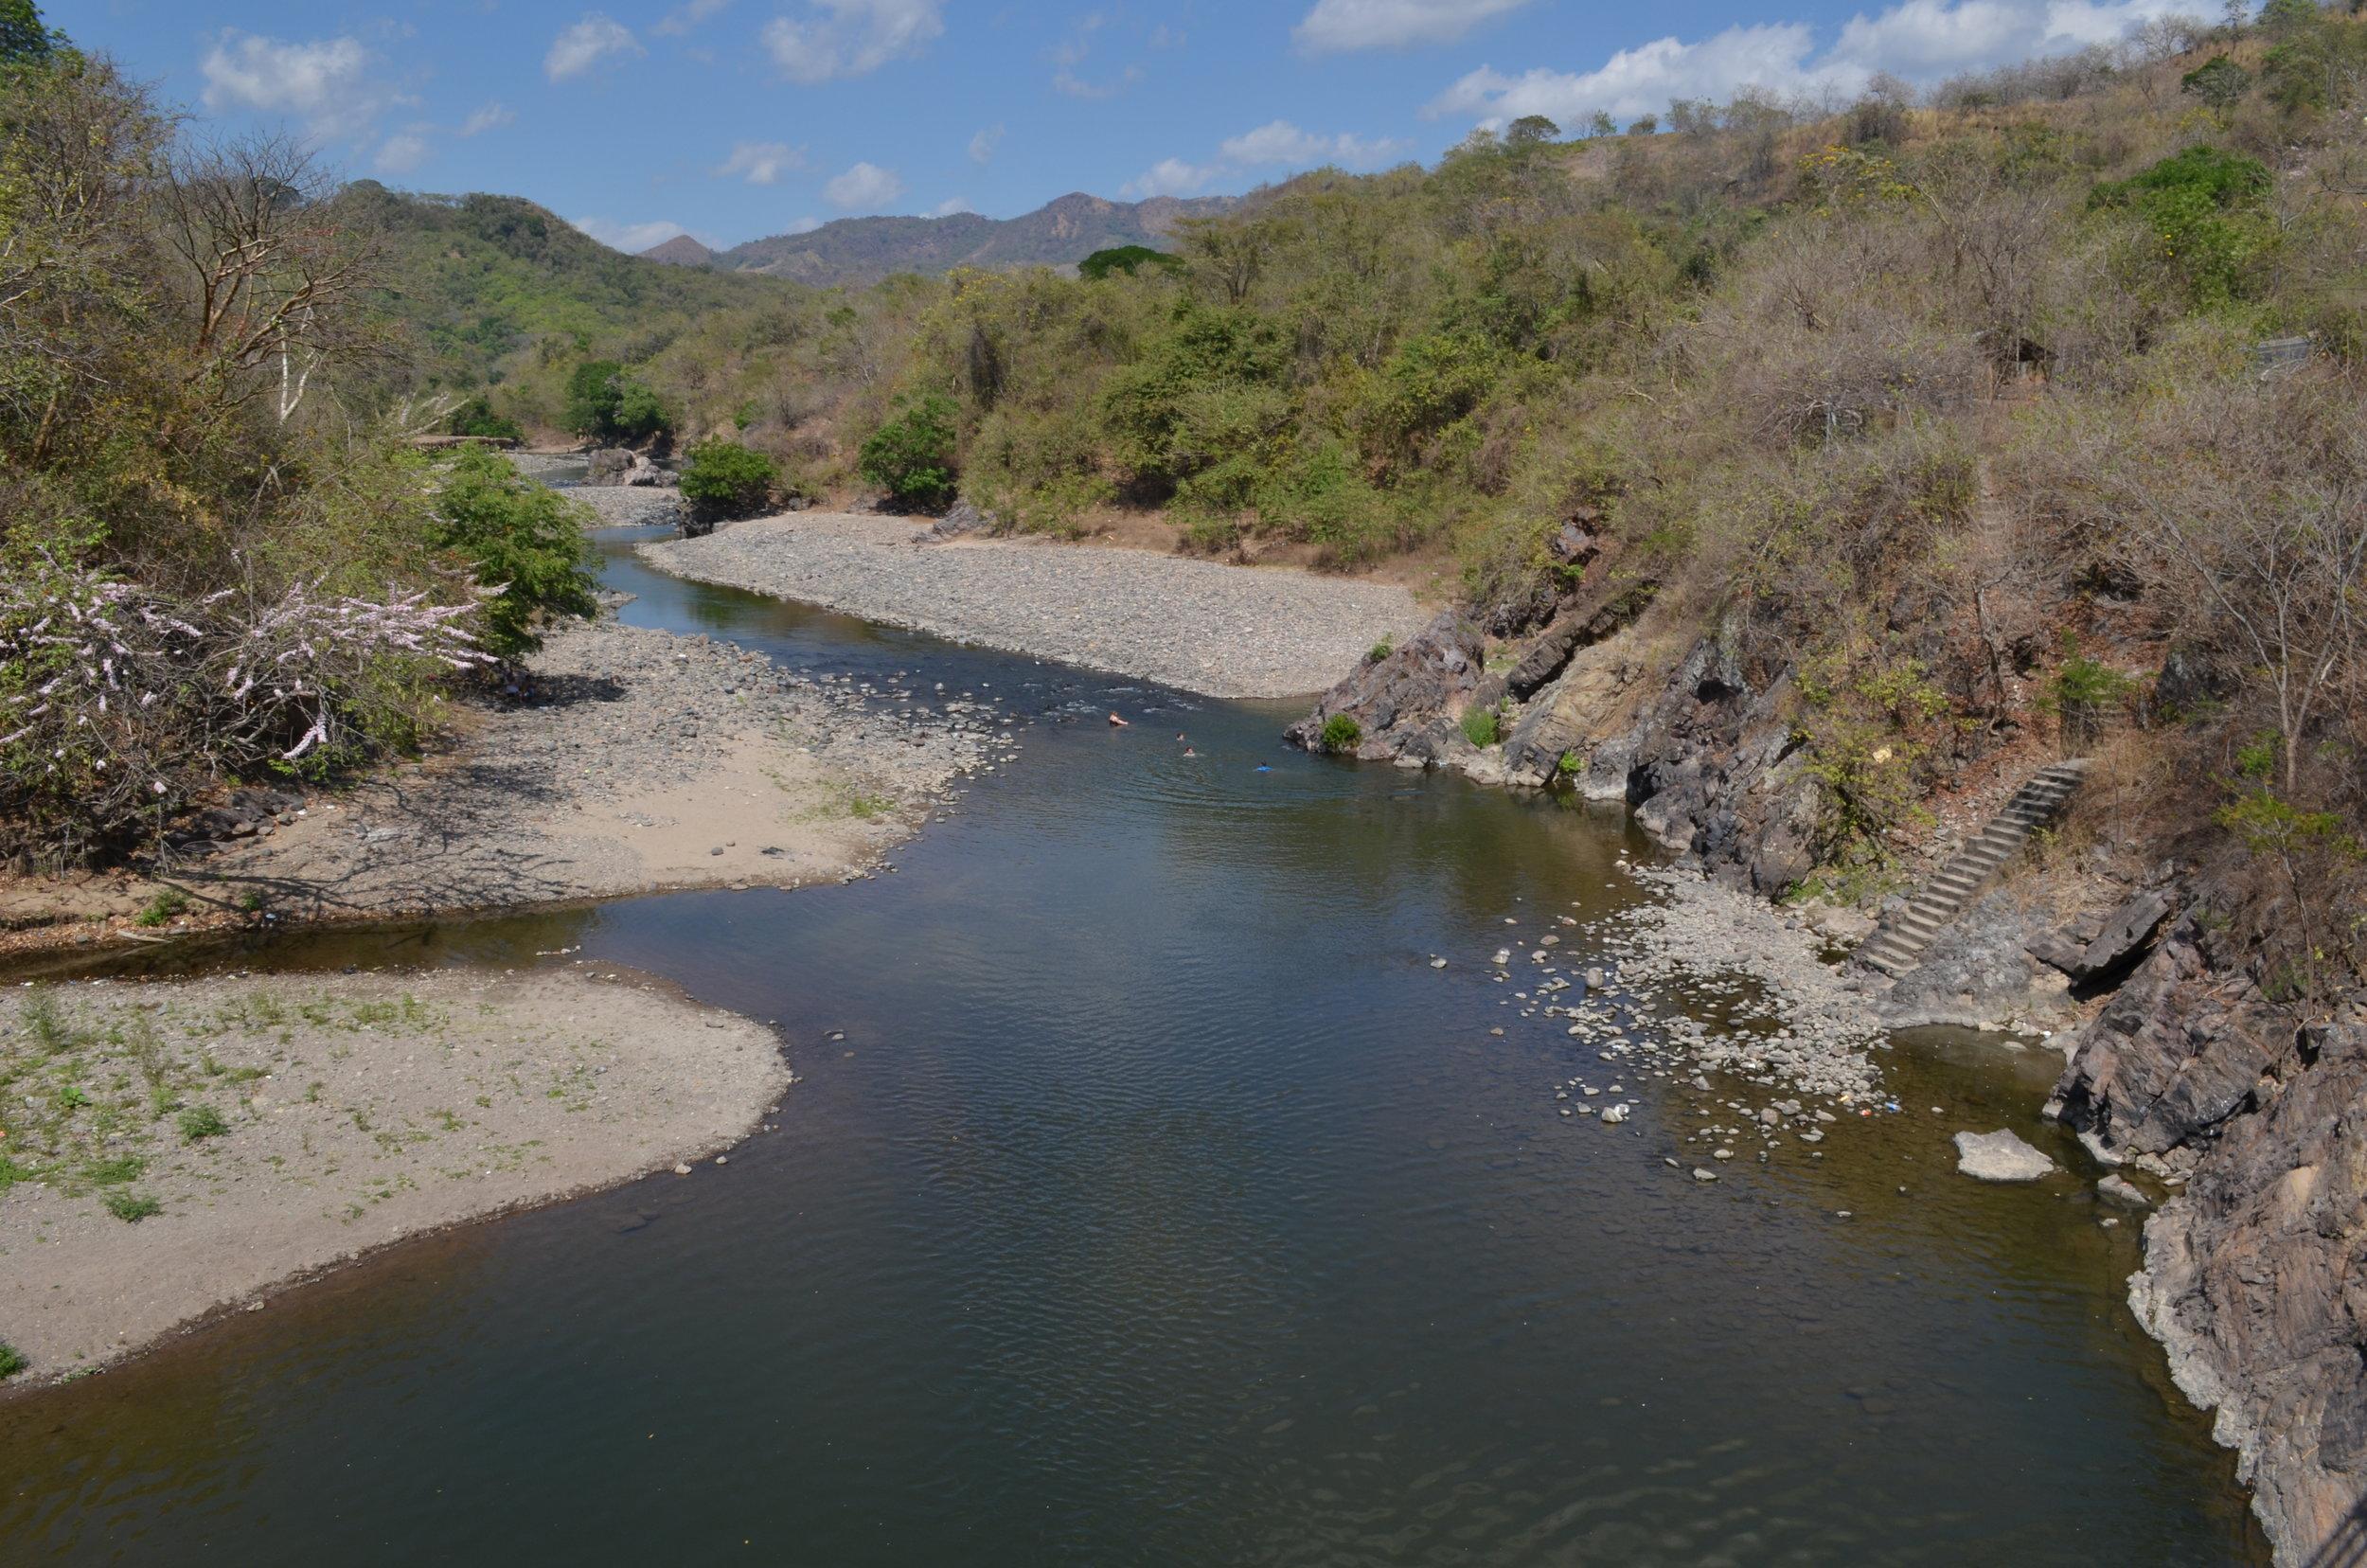 El Río Sumpul en el departamento de Chalatenango forma parte de la frontera con Honduras y fue sitio de varias masacres durante la guerra. Foto de Dalton Anthony.